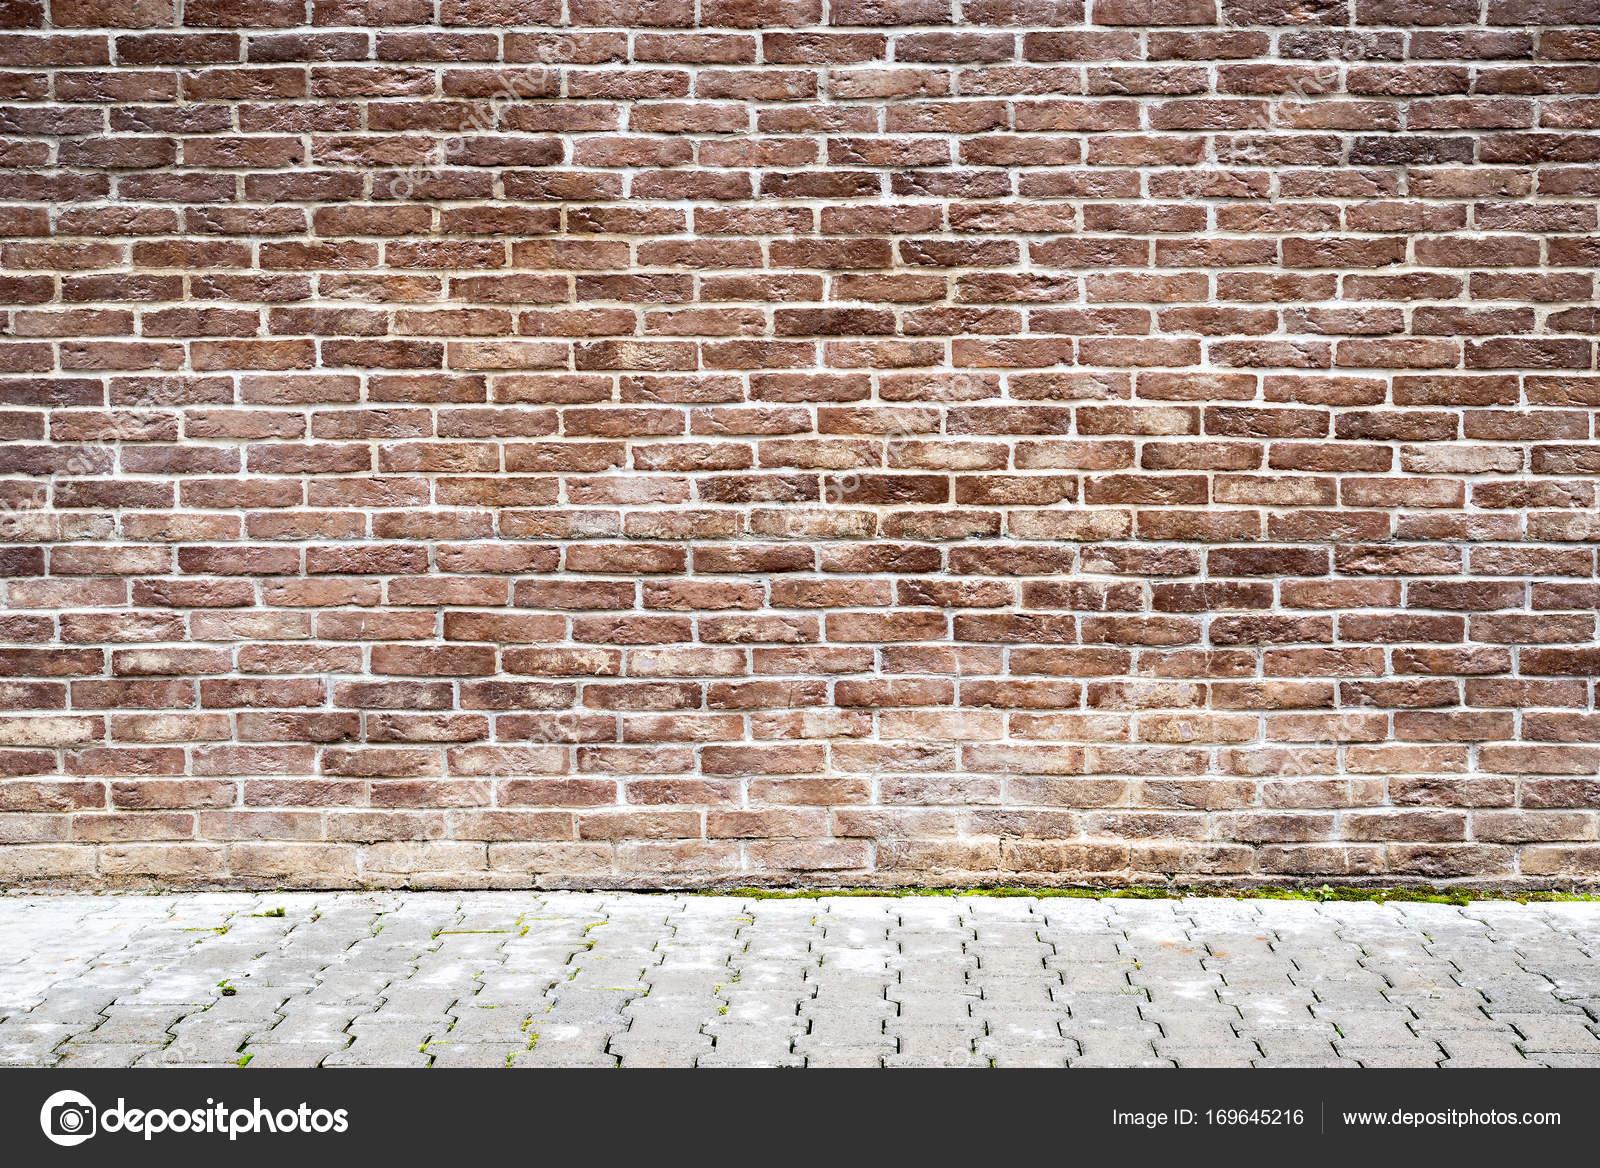 茶色のレンガの壁 ストック写真 C Serjio74b 169645216